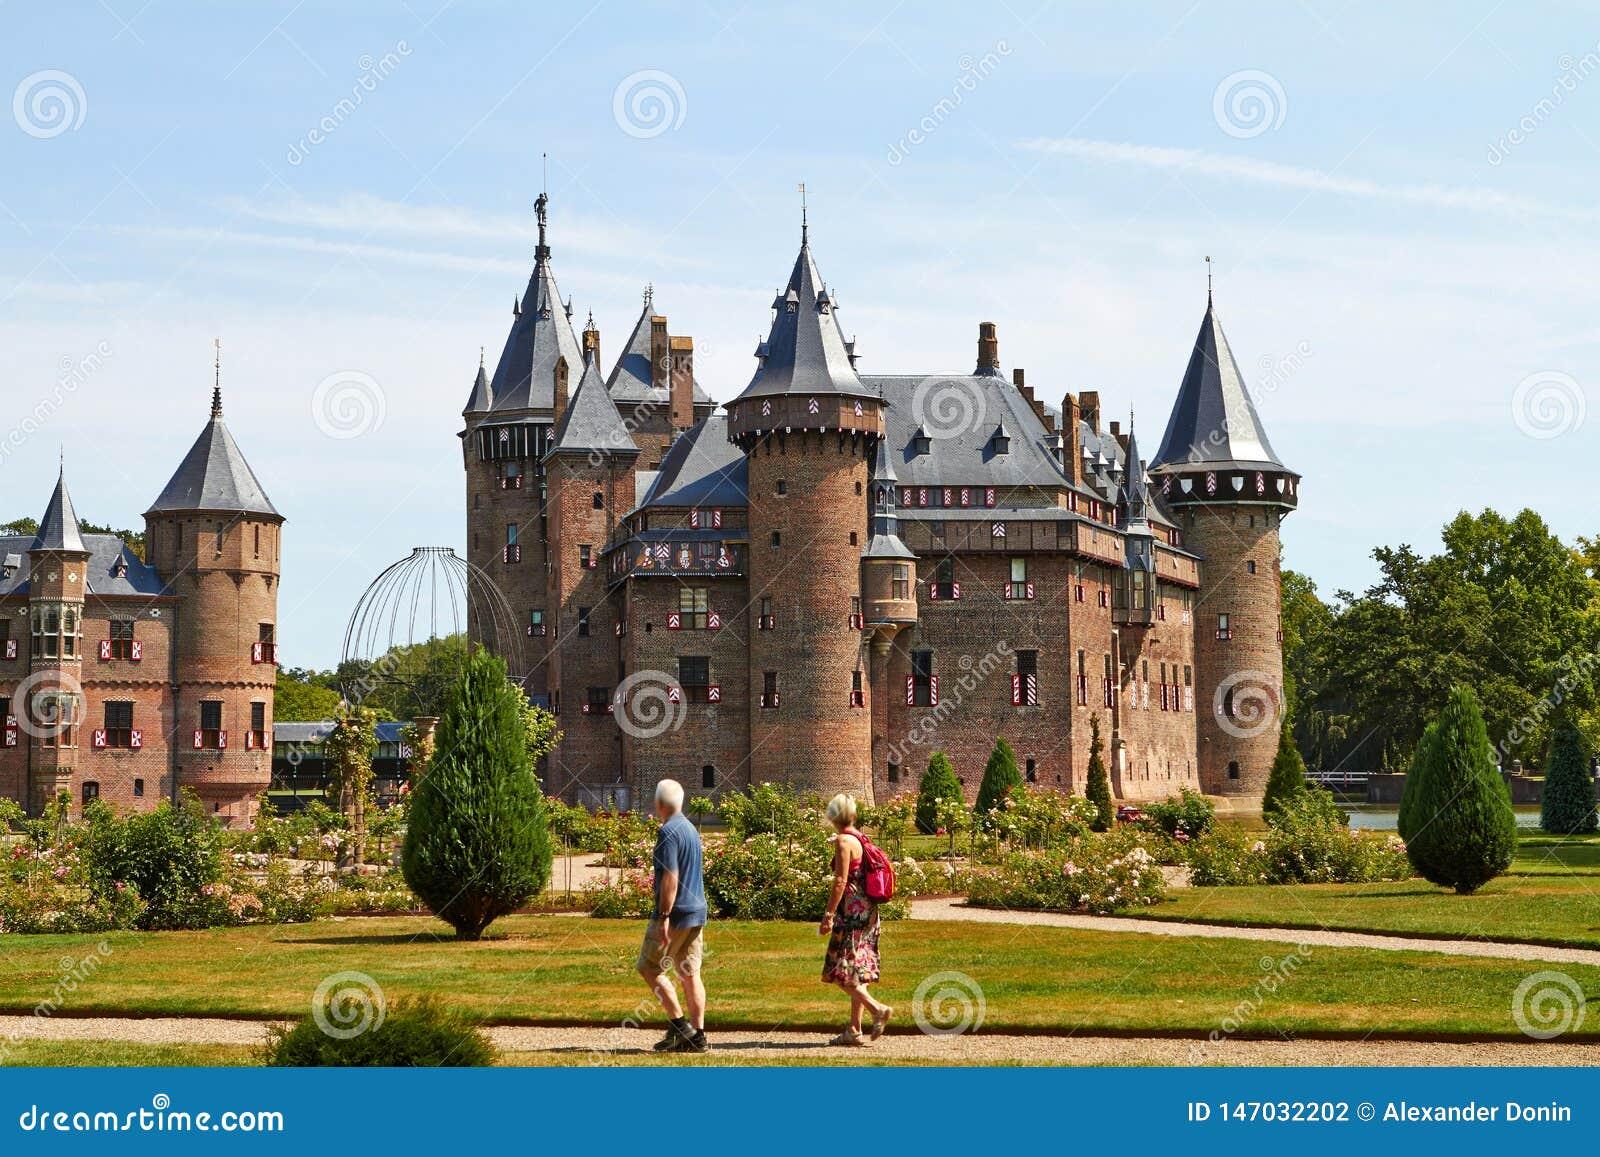 Chateau de Haar